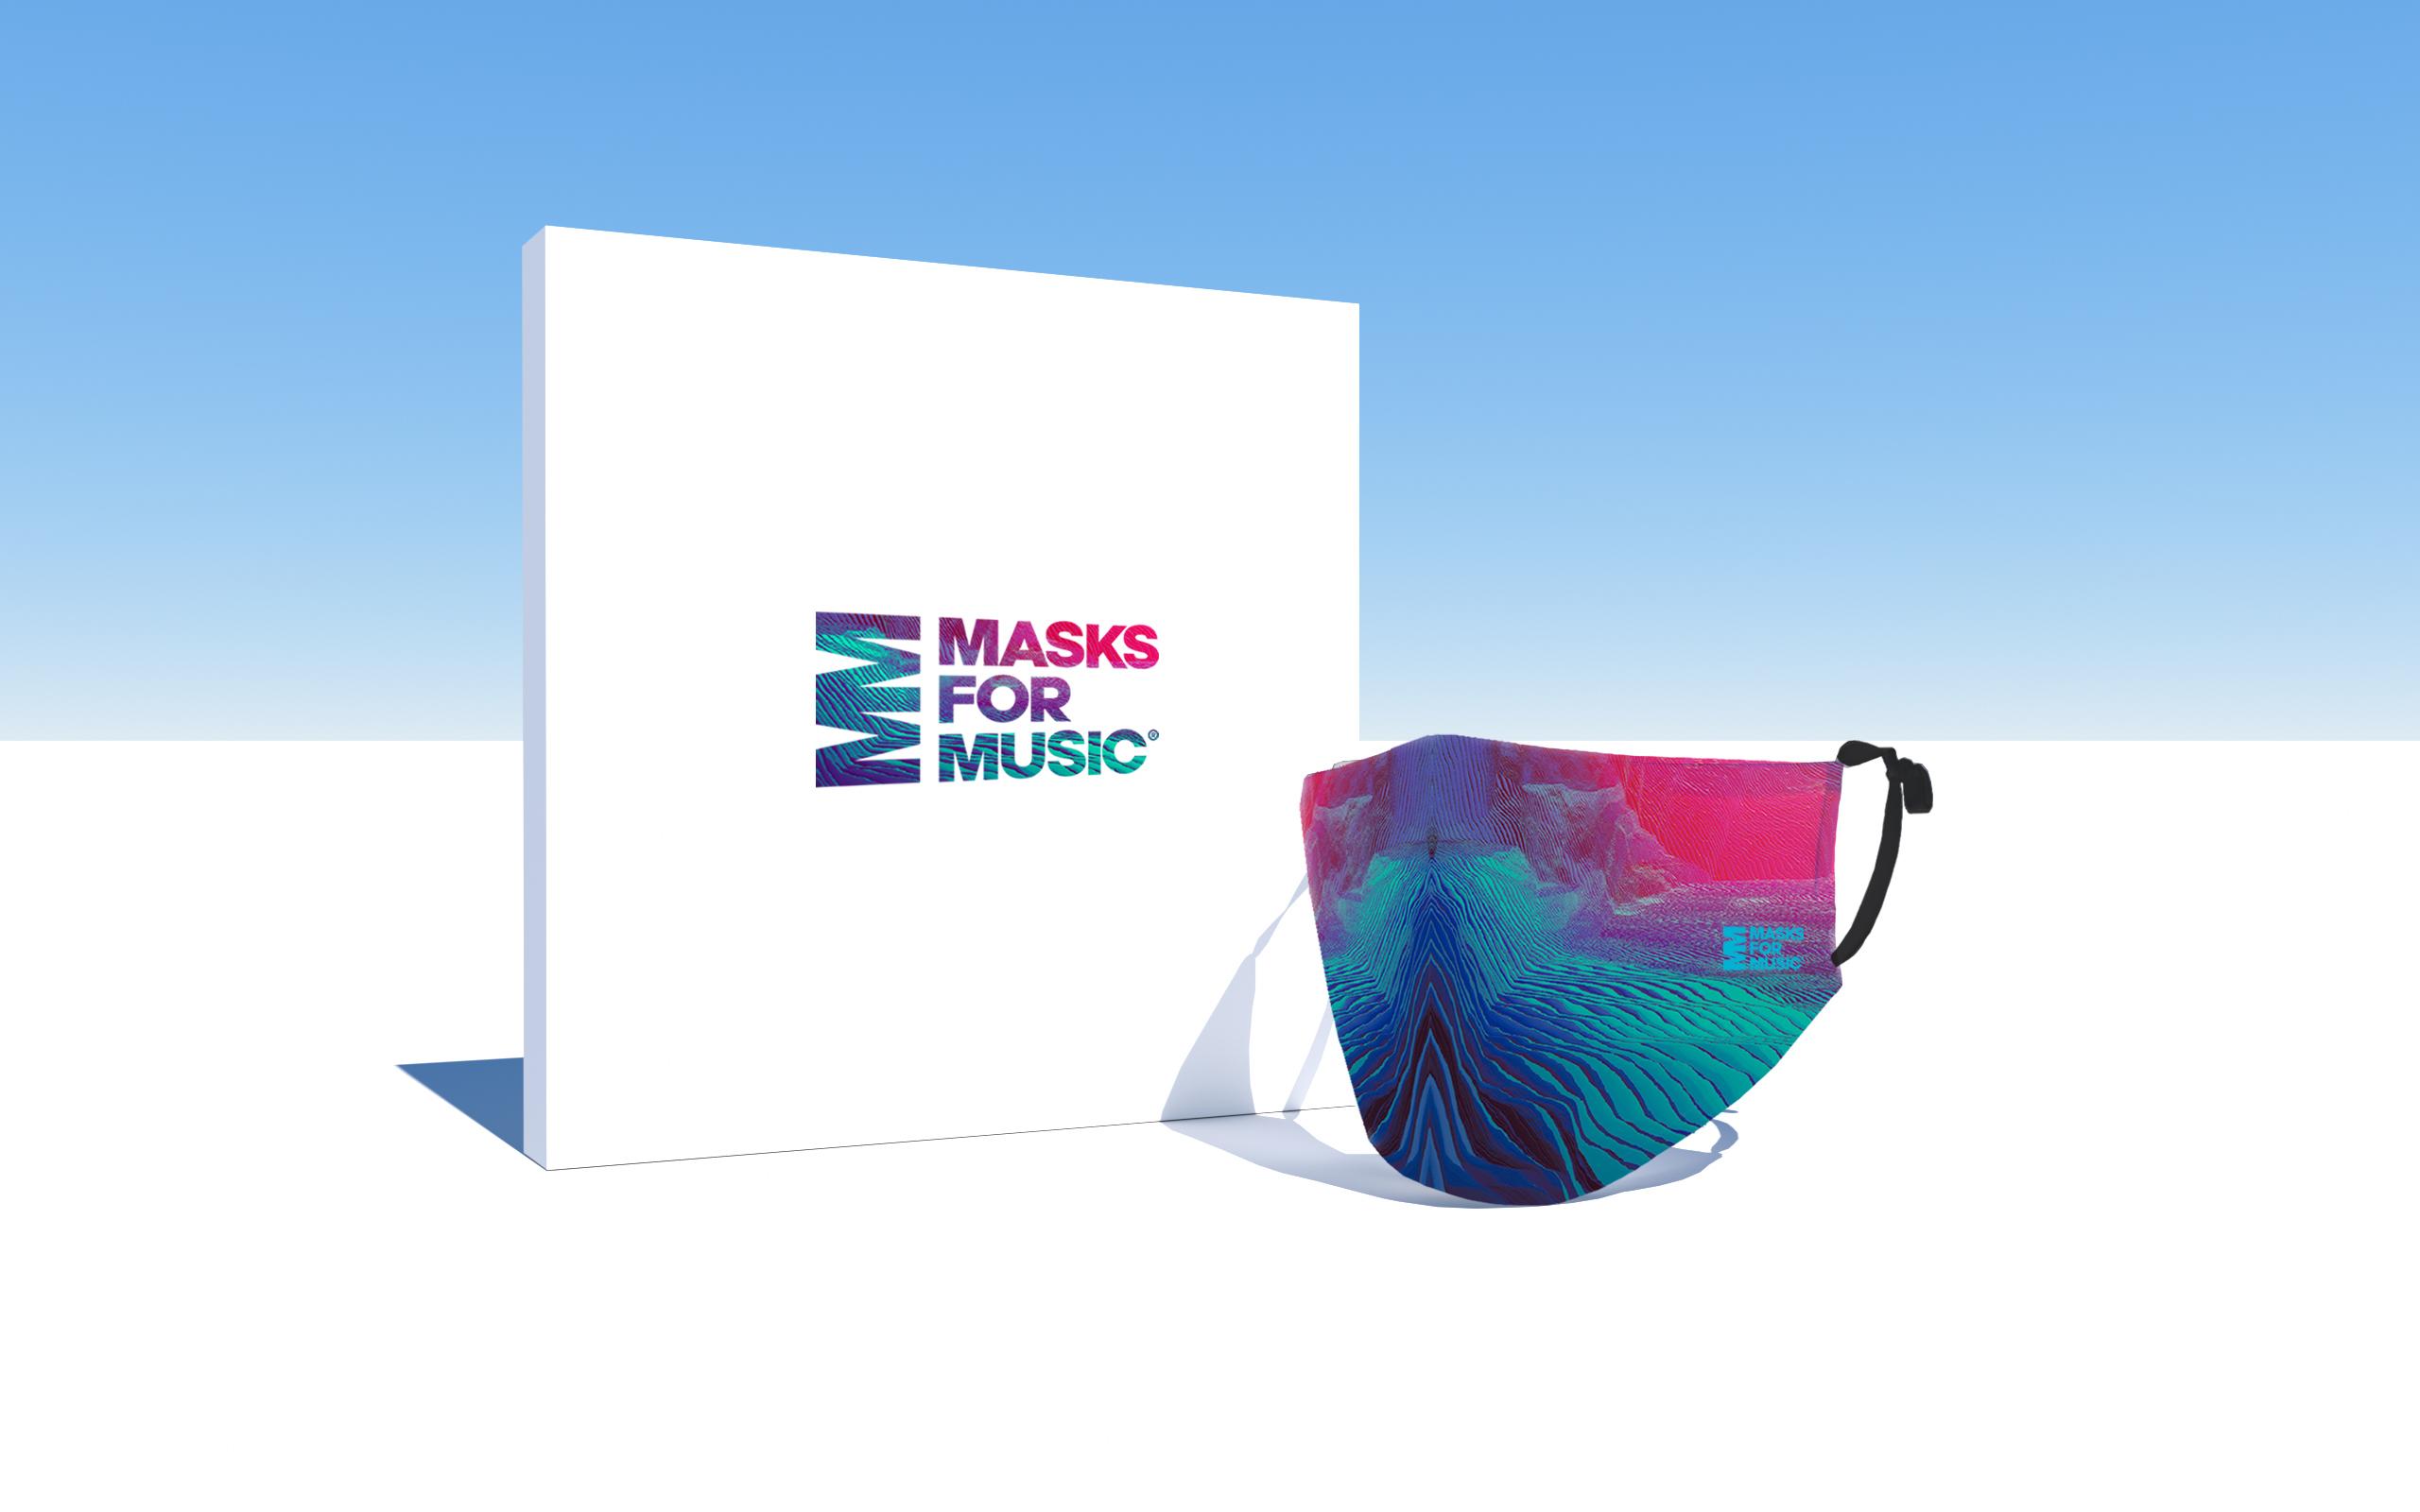 Nace Masks For Music, una iniciativa internacional para apoyar a la industria musical